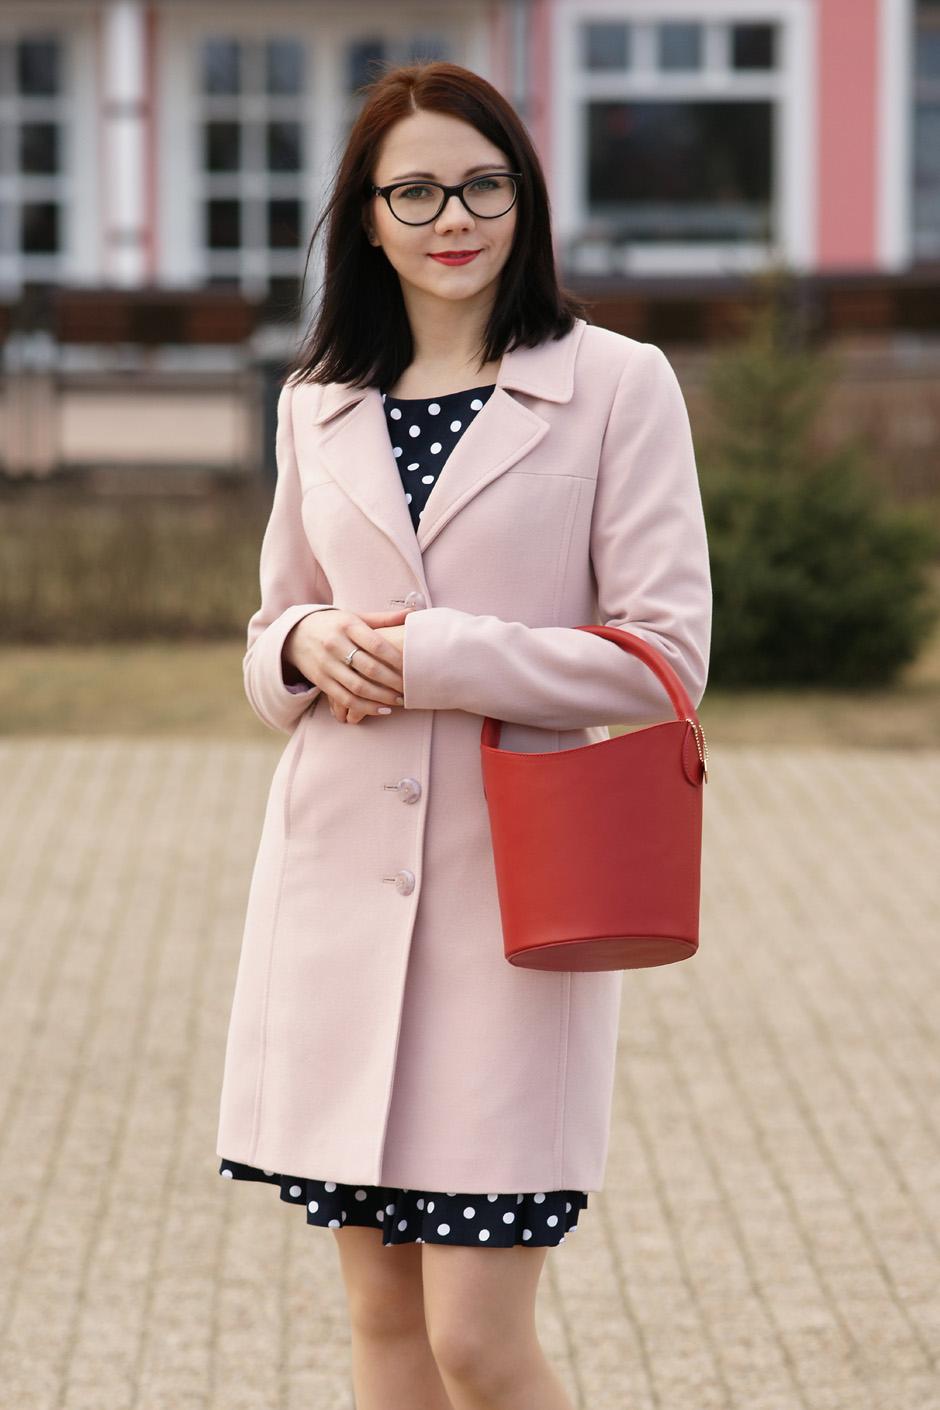 pudrowy płaszcz, sukienka w groszki stylizacja innooka (13)